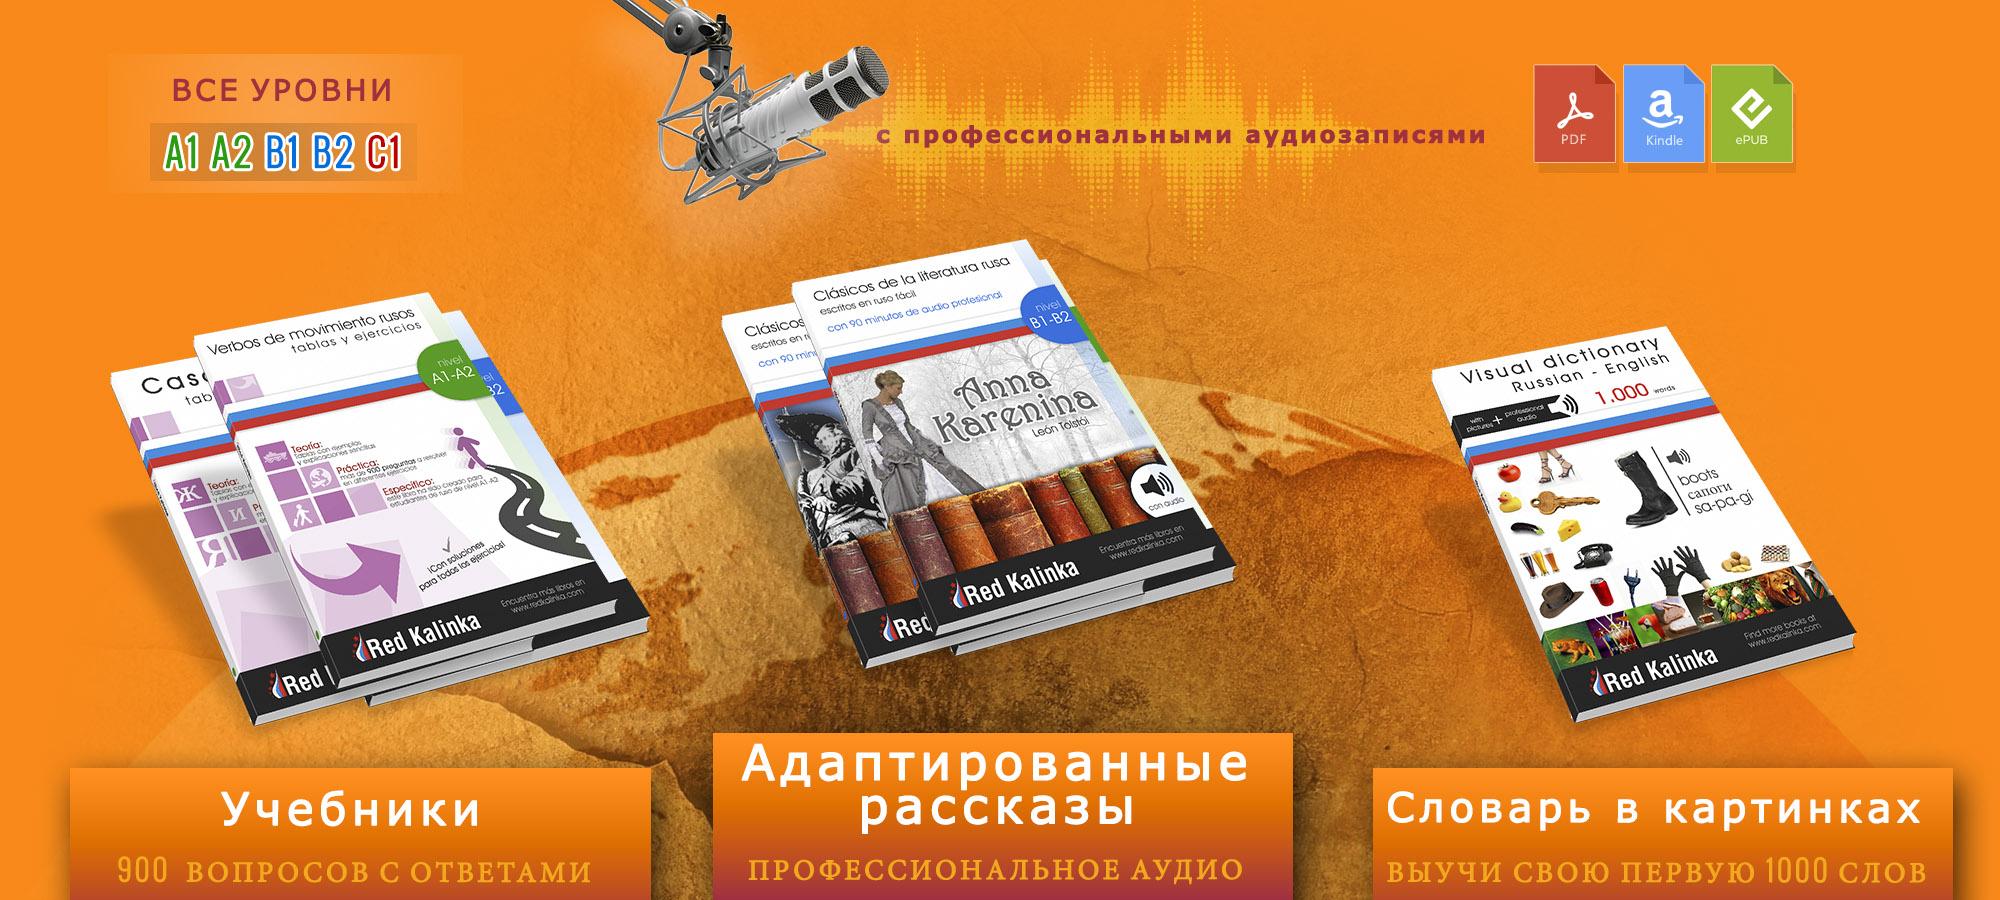 Книги для изучения русского языка скачать